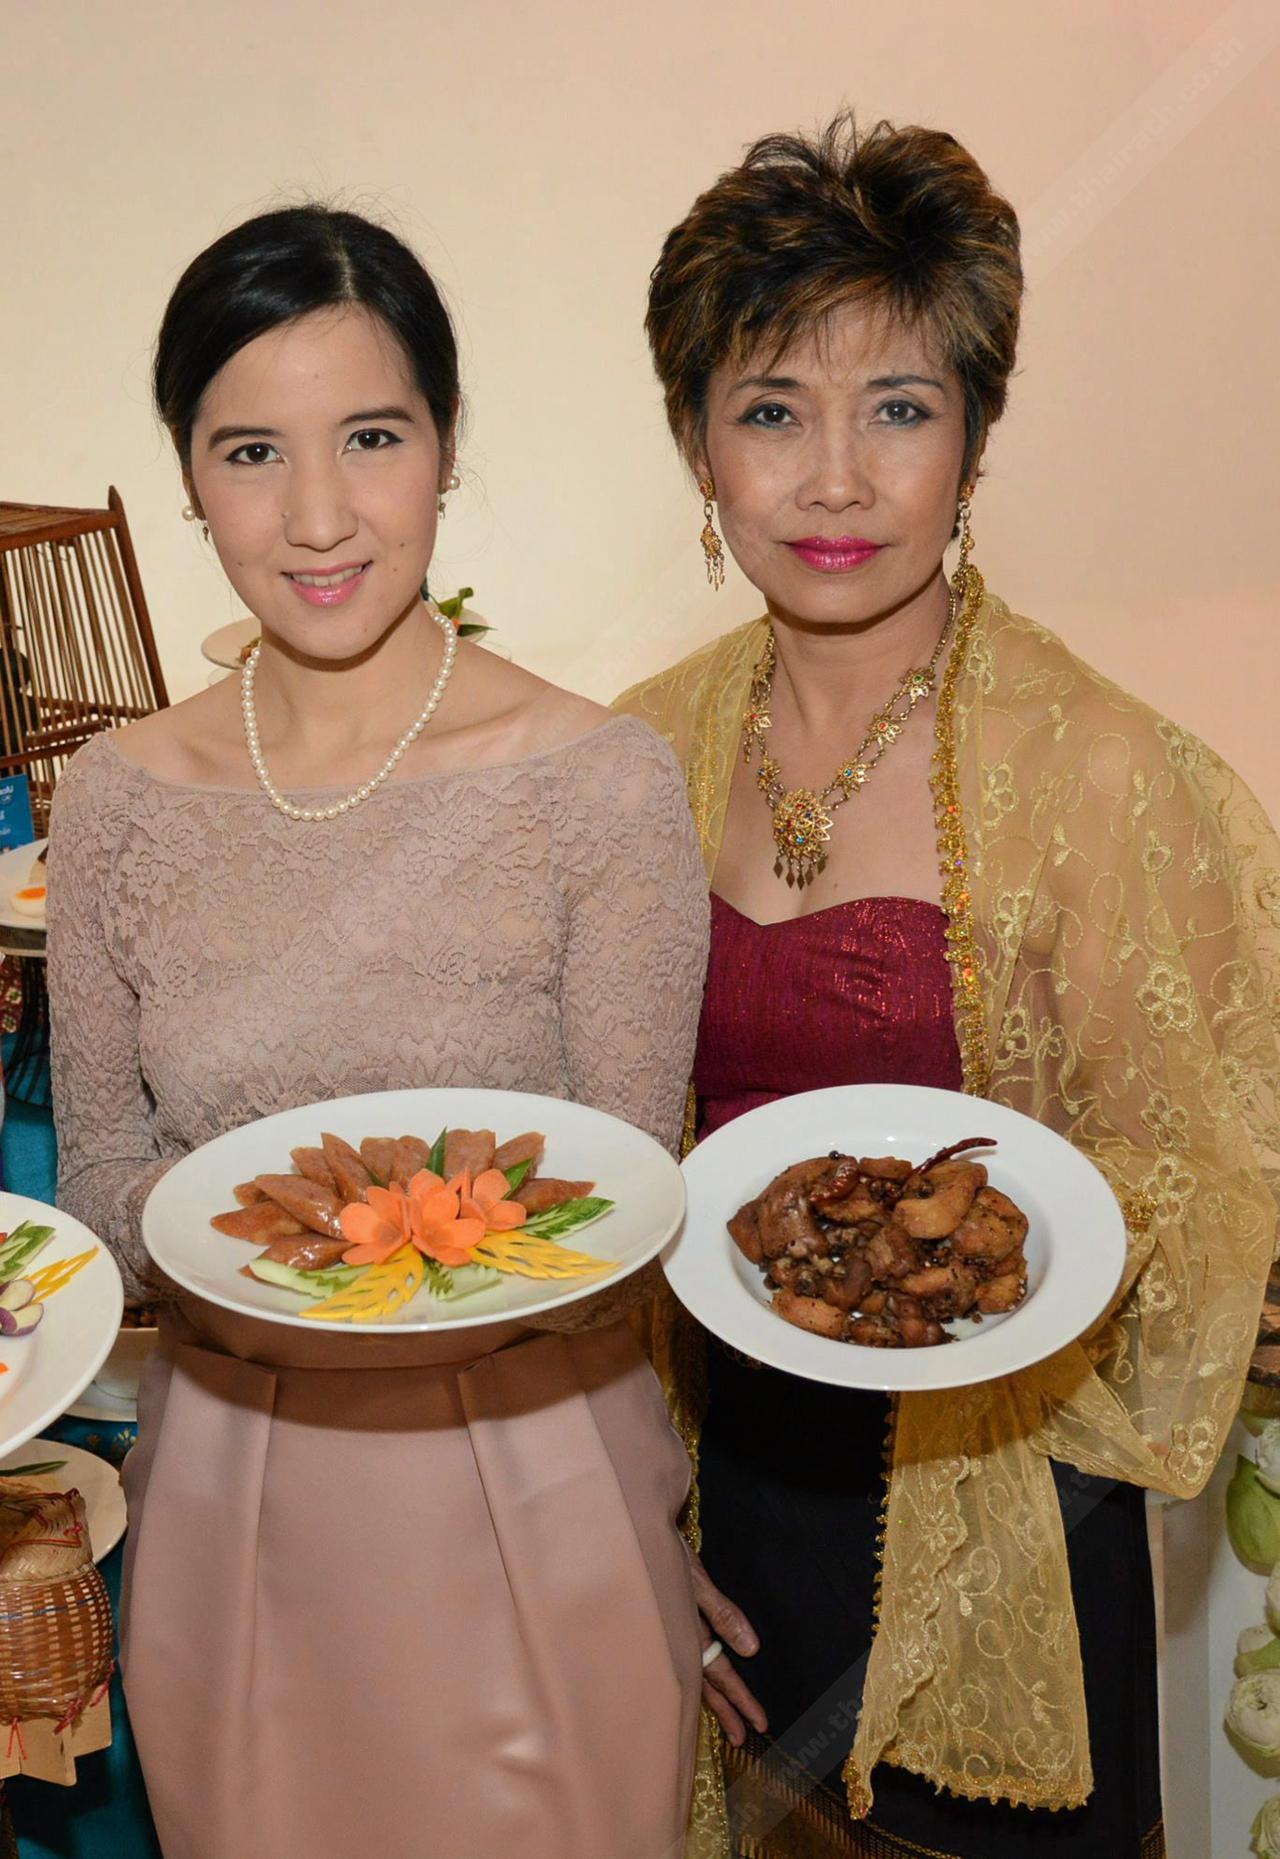 """ภริตา วิริยะรังสฤษฏ์ และ มาลินี สุตังคานุ ชวนลิ้มลองอาหารไทย ในงาน """"เดอะมอลล์ อร่อยไป เที่ยวไป ทั่วไทย ครั้งที่ 6""""."""